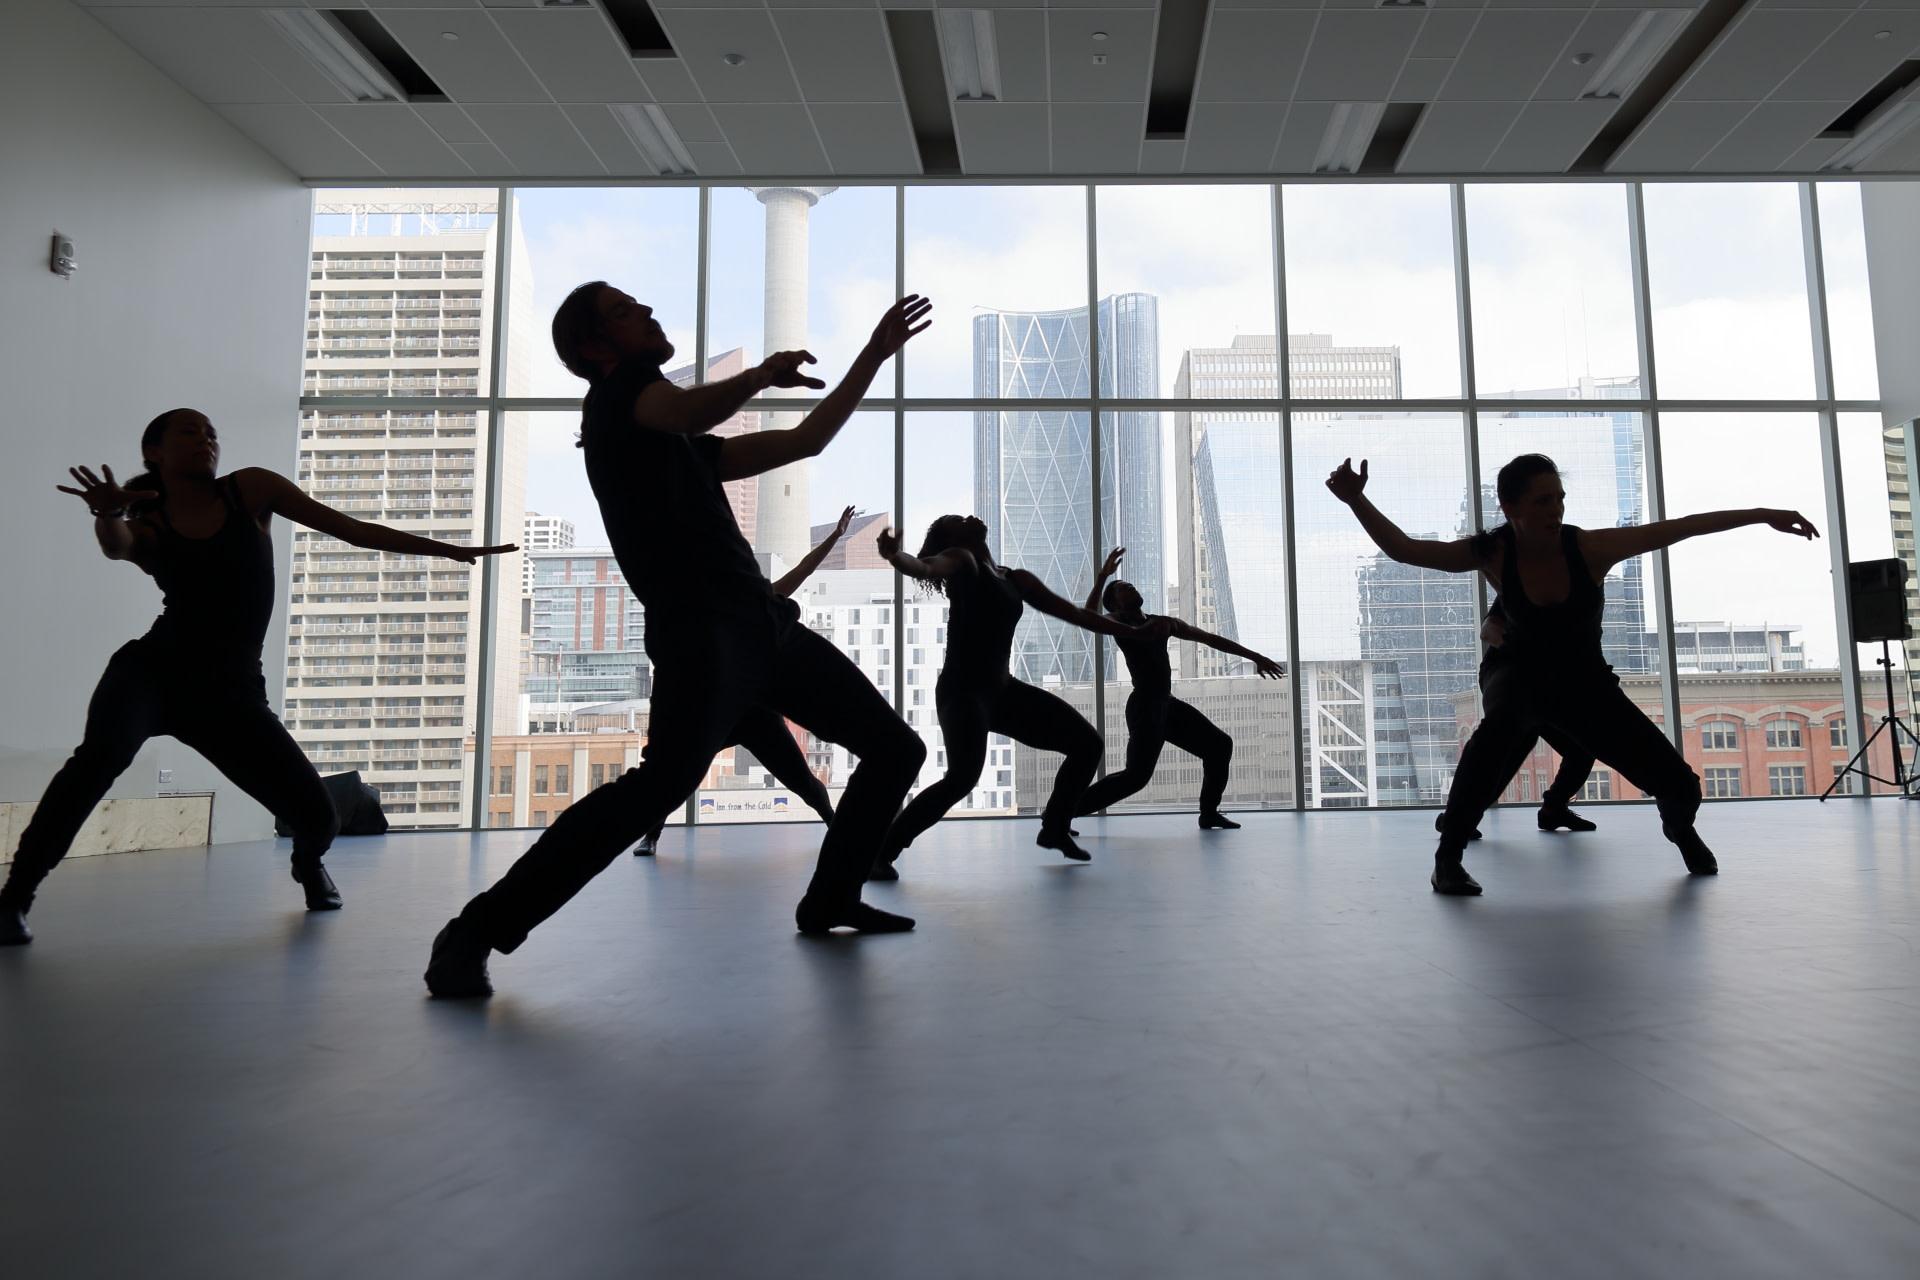 #DanceForth: suspending disbelief